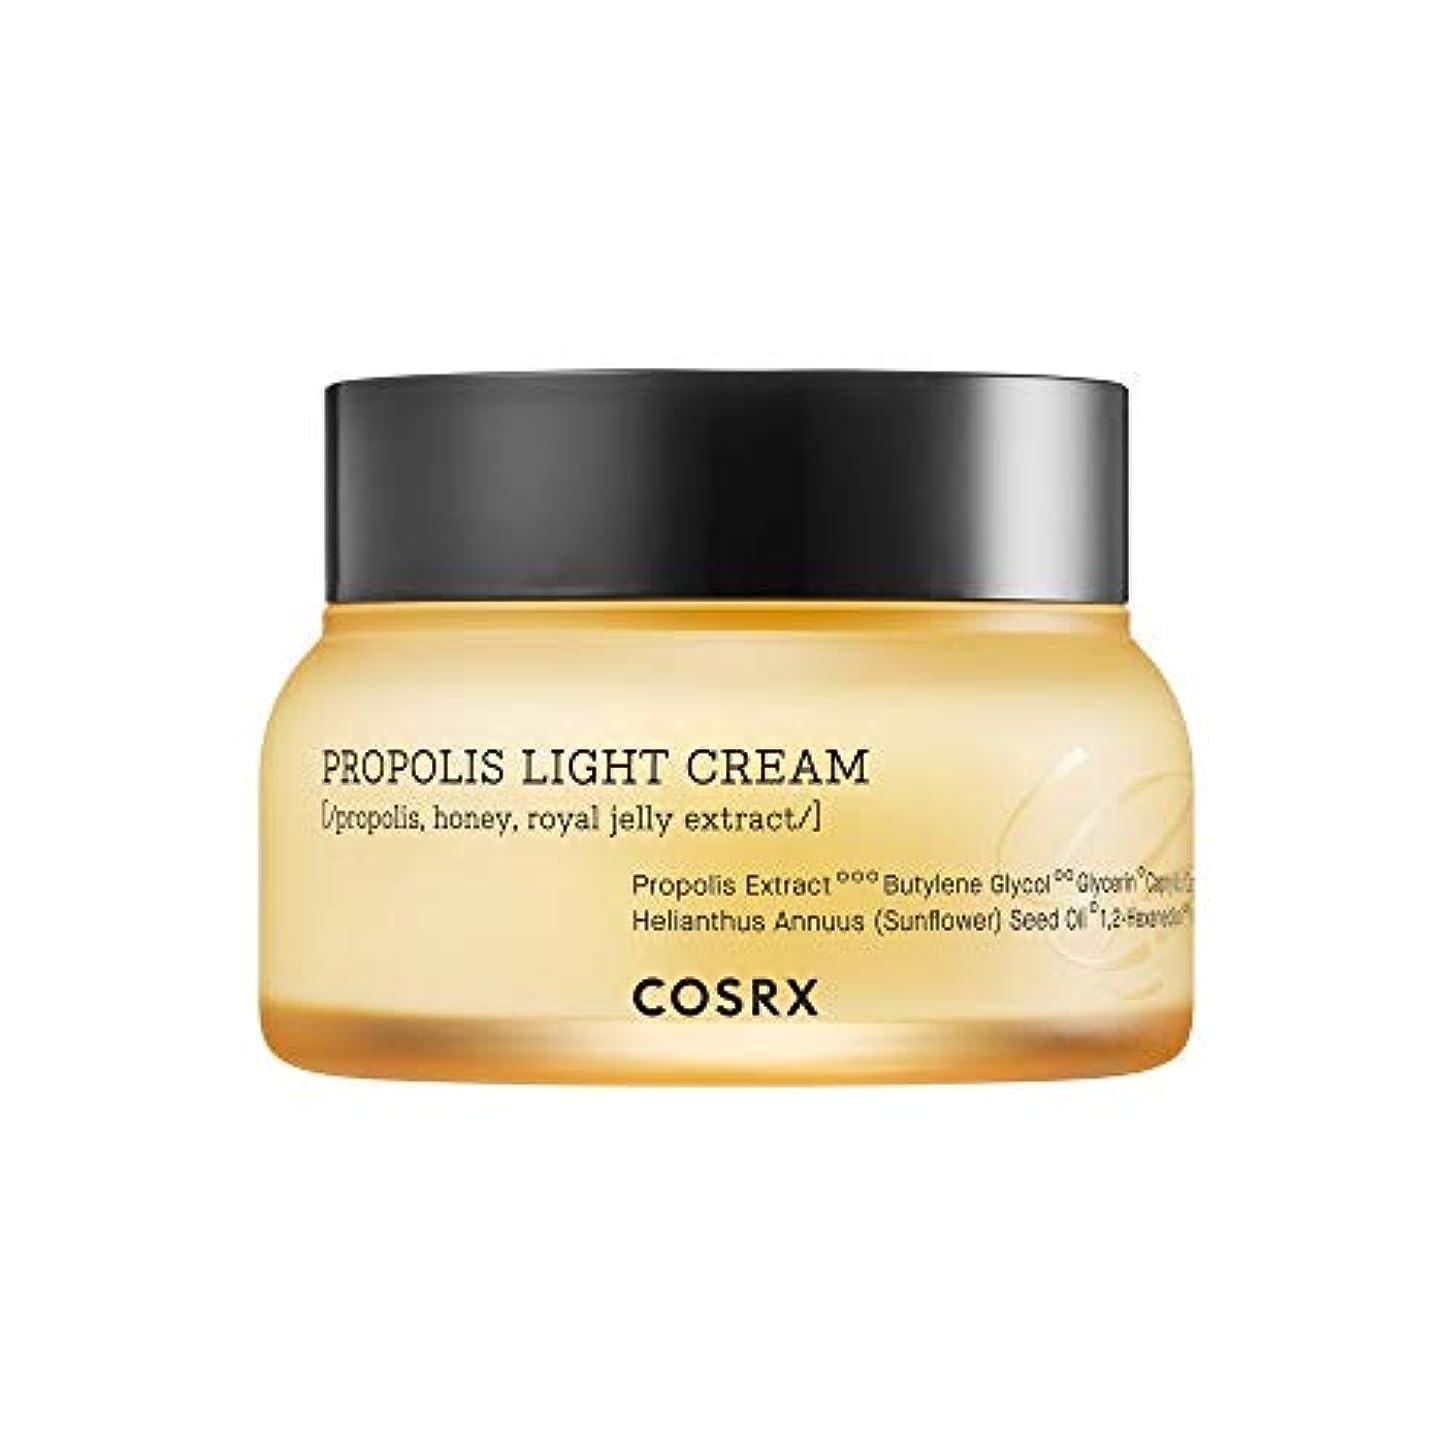 軽減する役に立つニコチンCOSRX Full Fit Propolis Light Cream, 65ml (並行輸入品)